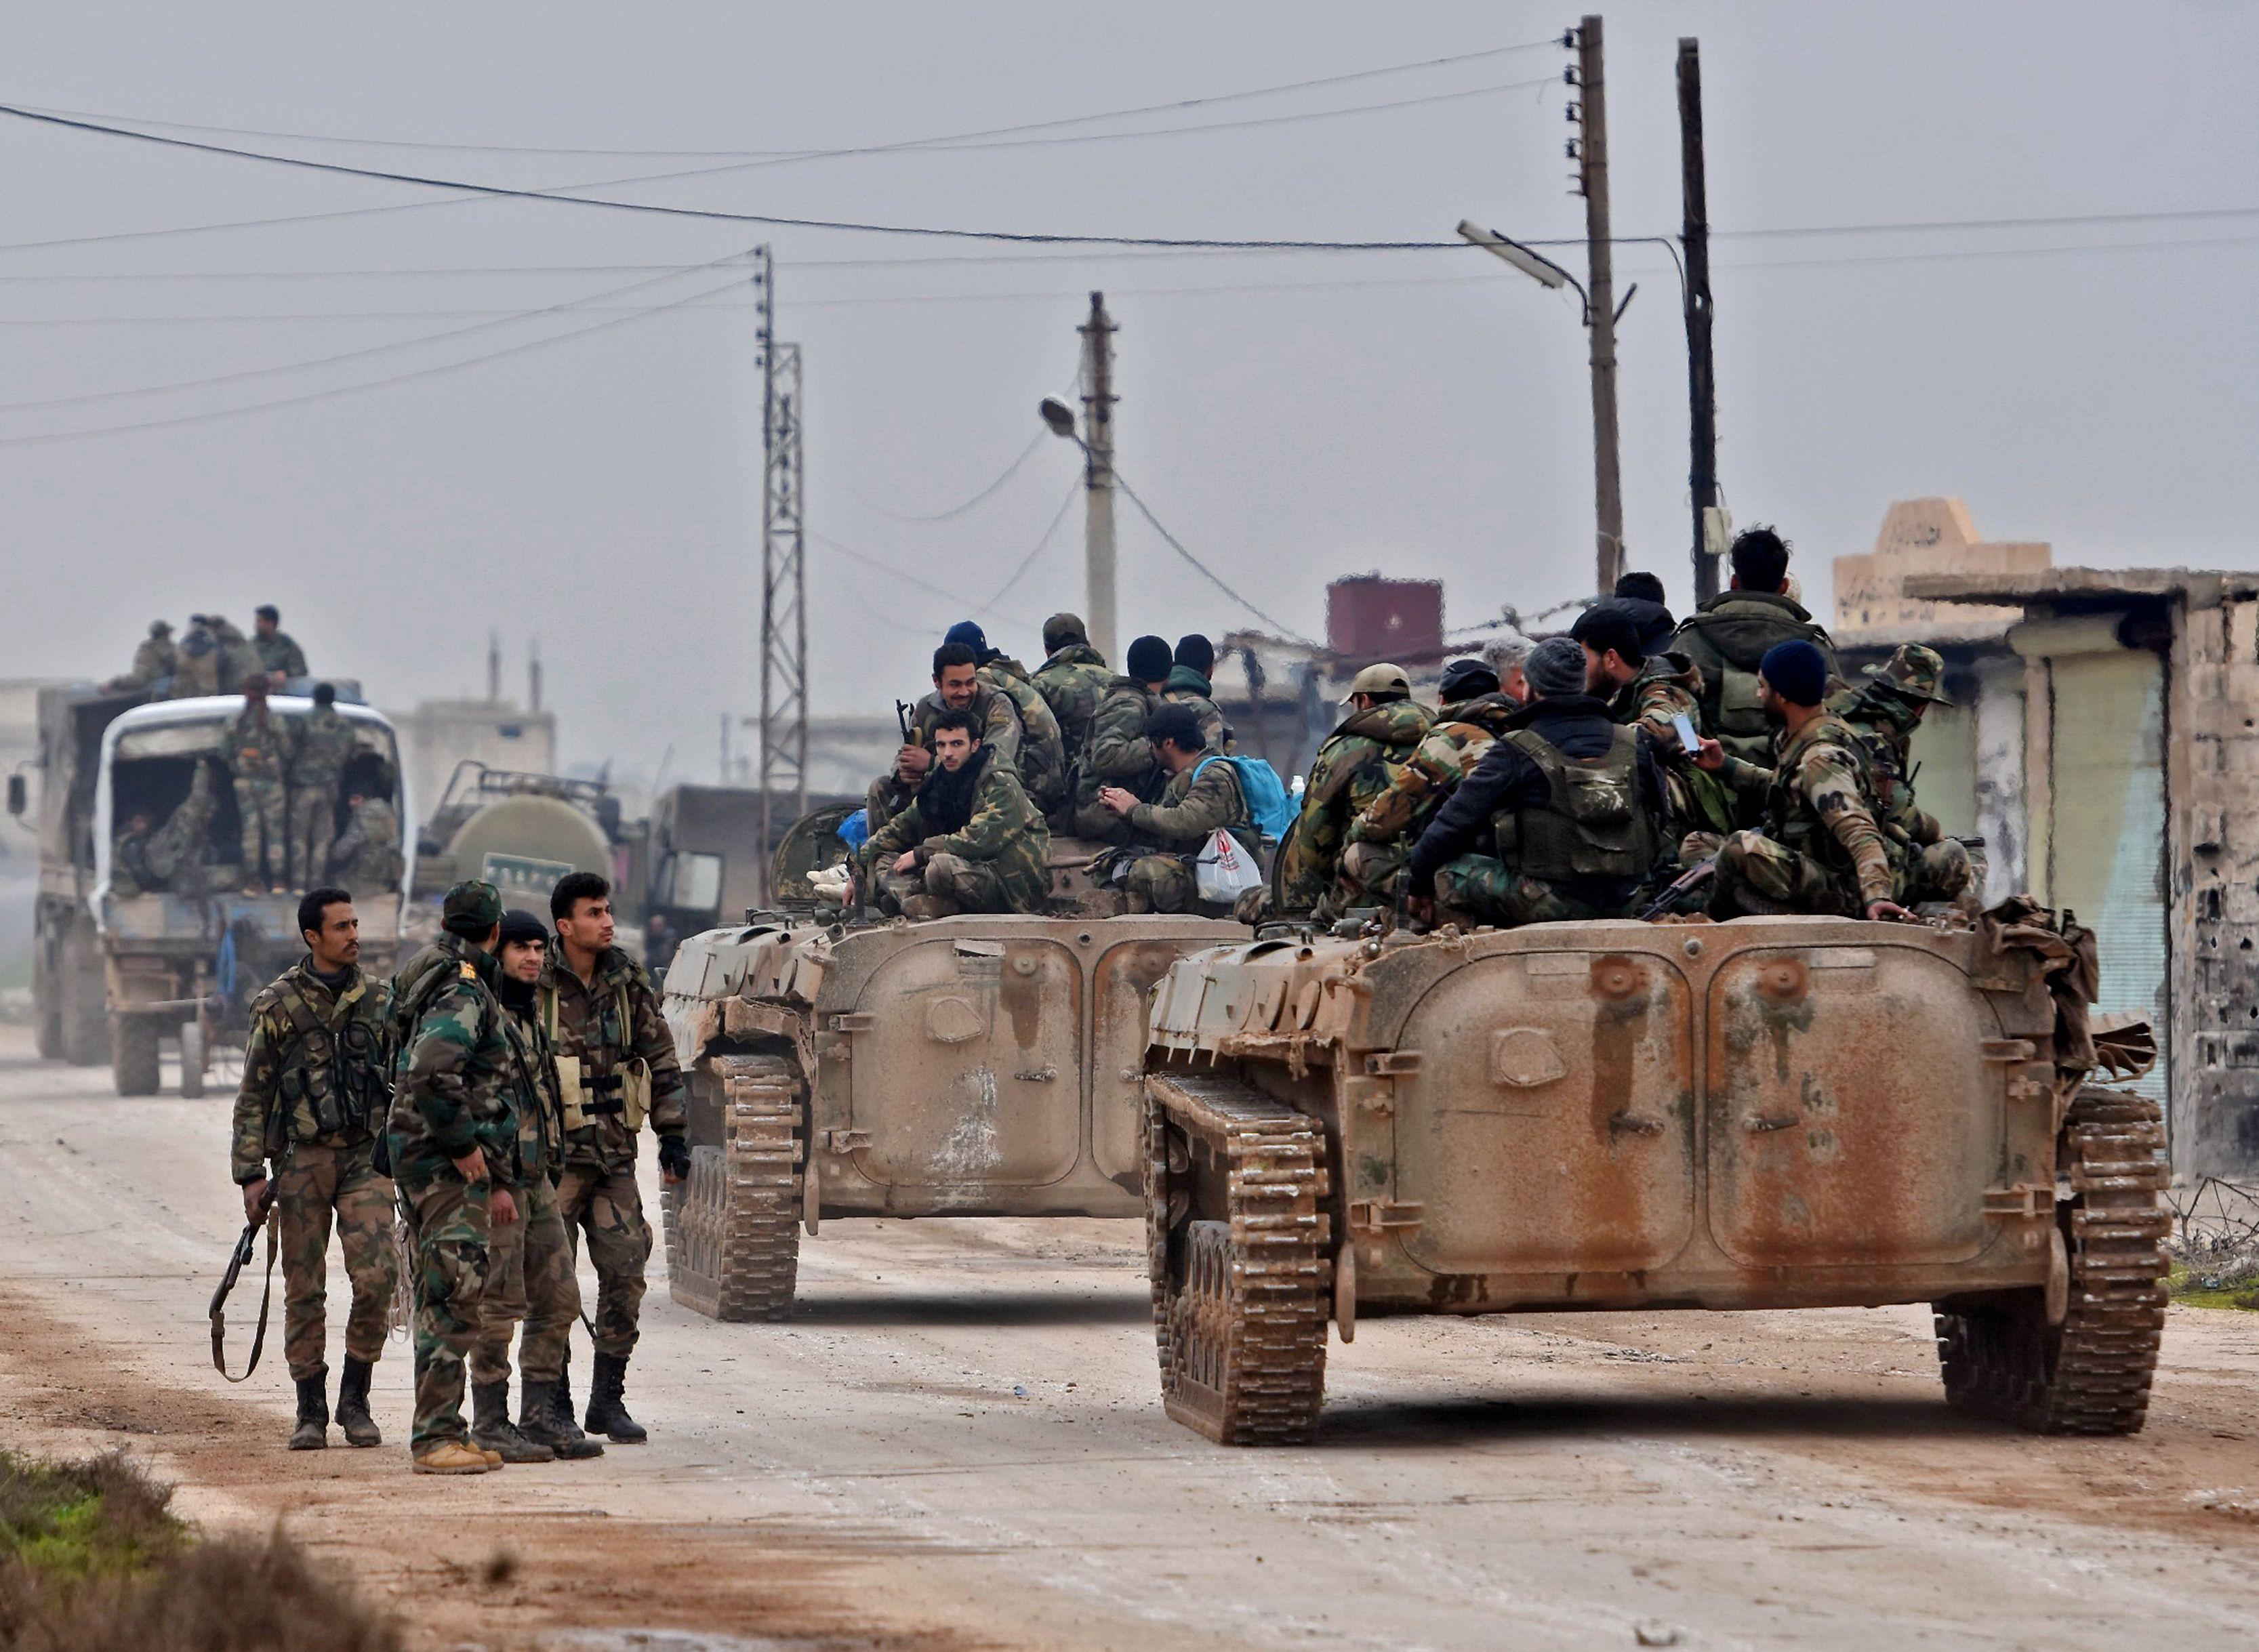 قوات النظام تحاصر ثلاث بلدات بريف درعا وتوقف التسوية فيها